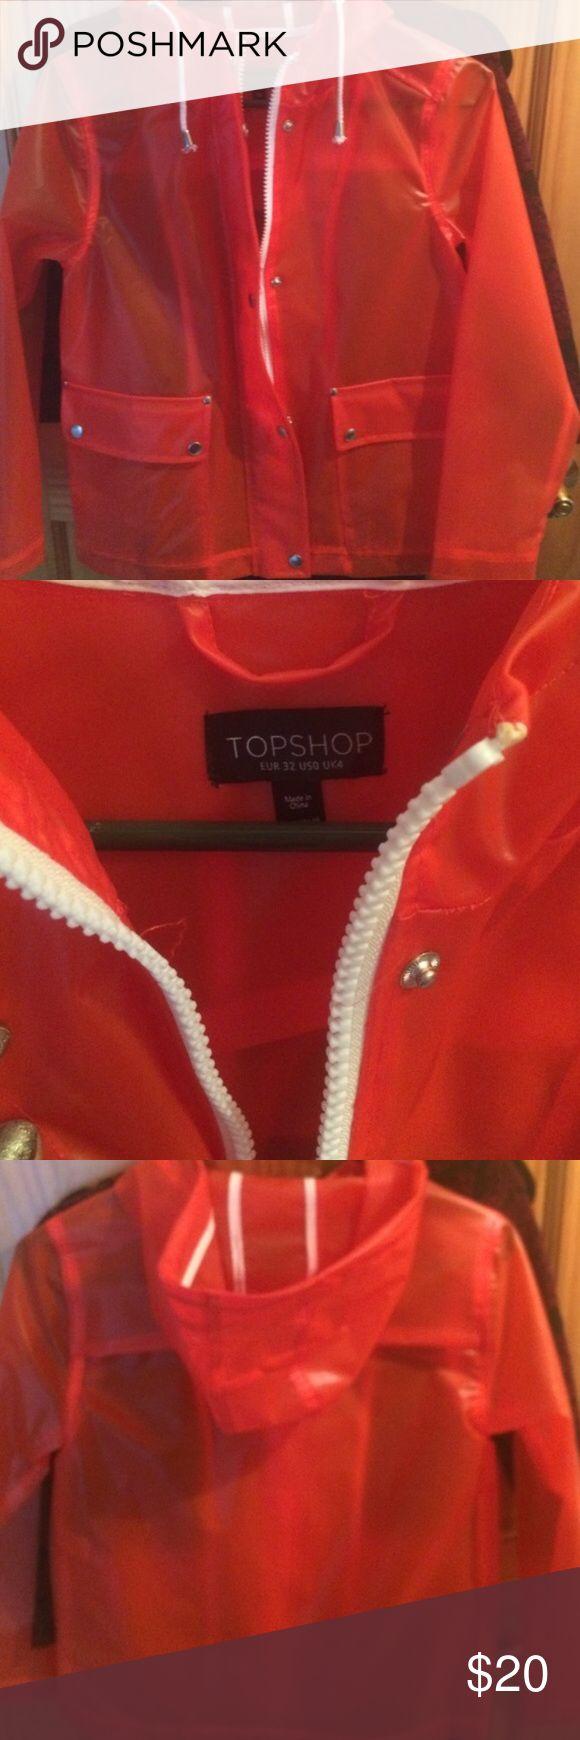 NWOT top shop britpop rain coat Never worn retro rain coat Topshop Jackets & Coats Trench Coats